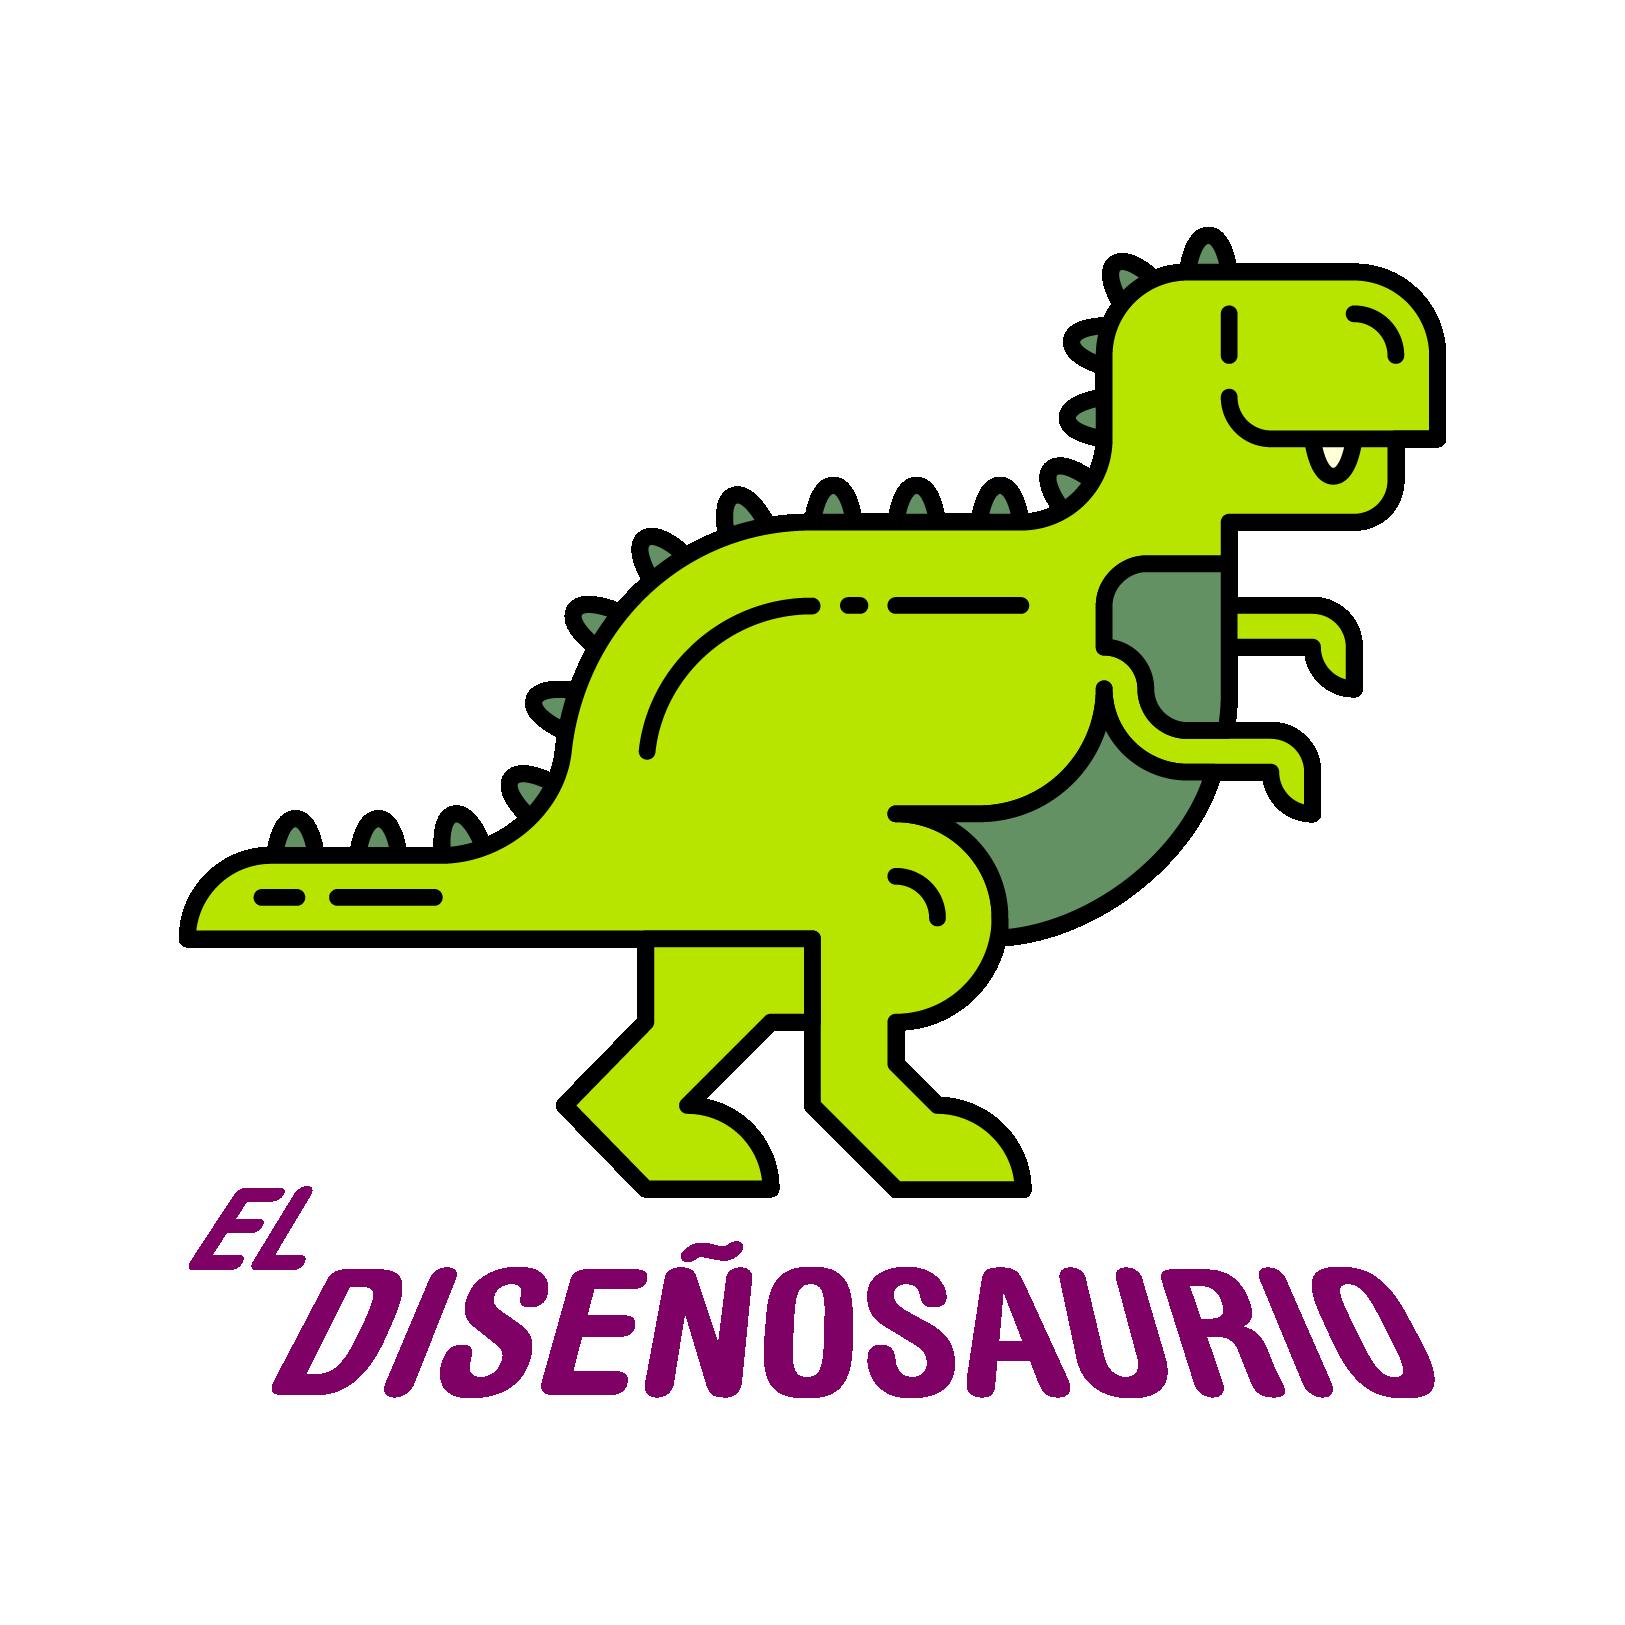 El Diseñosaurio